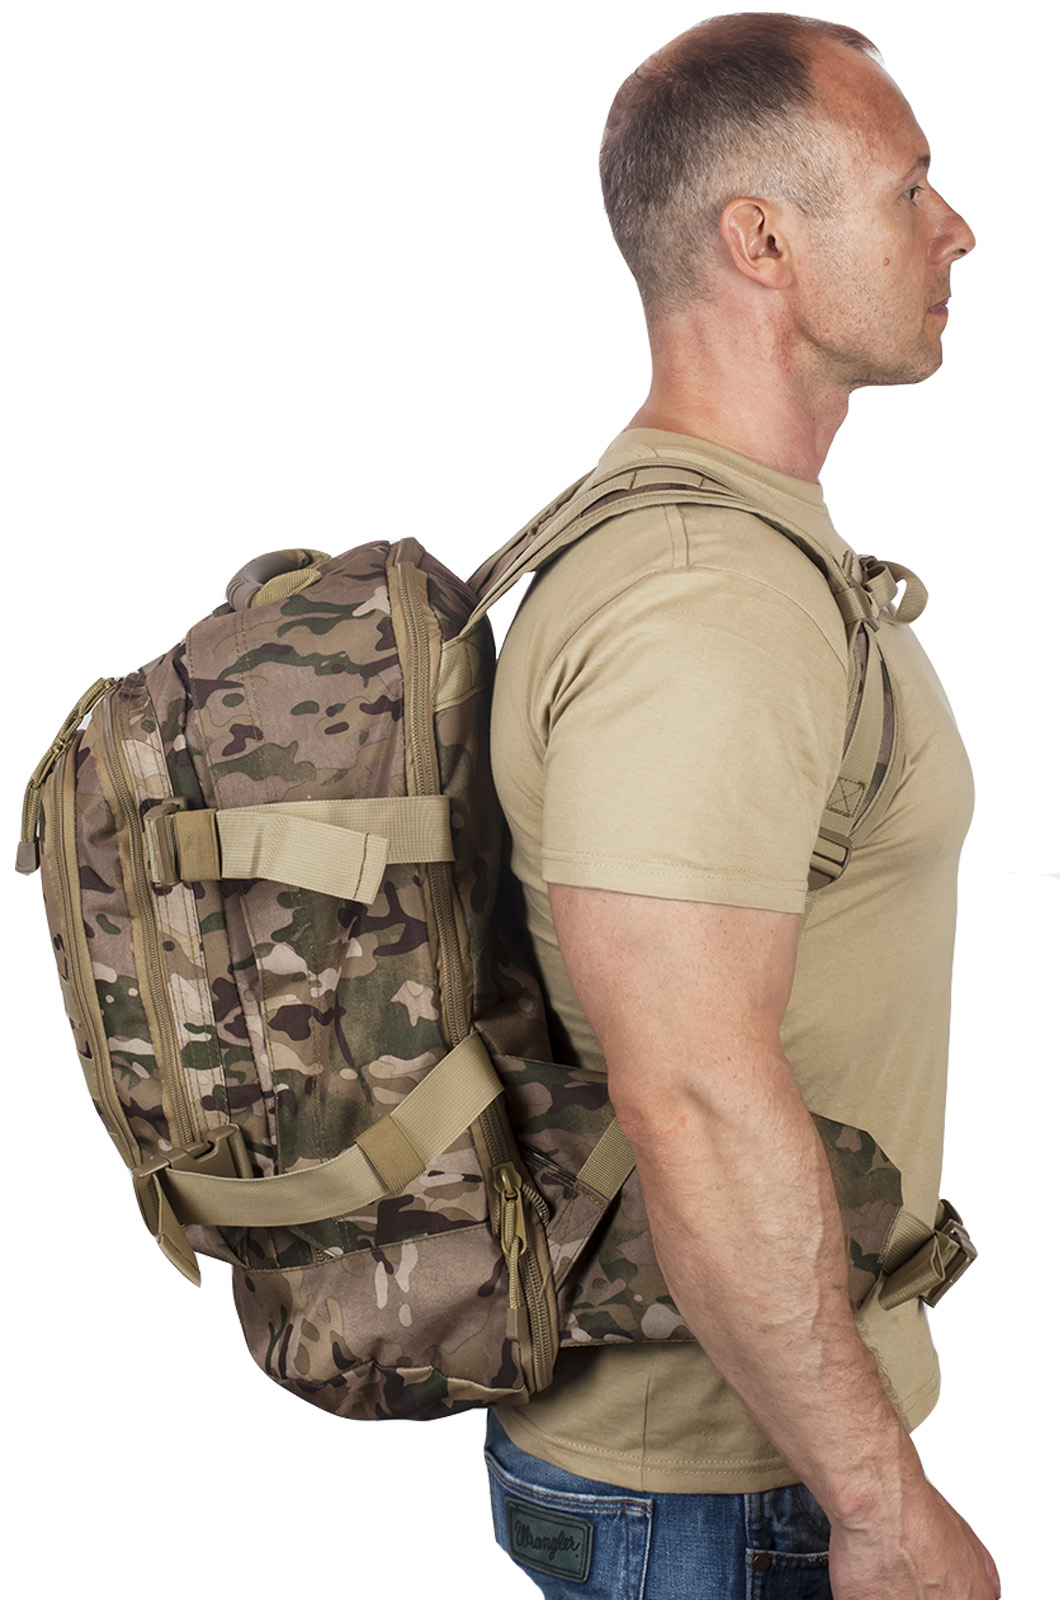 Камуфляжный трехдневный рюкзак ДПС - купить в подарок